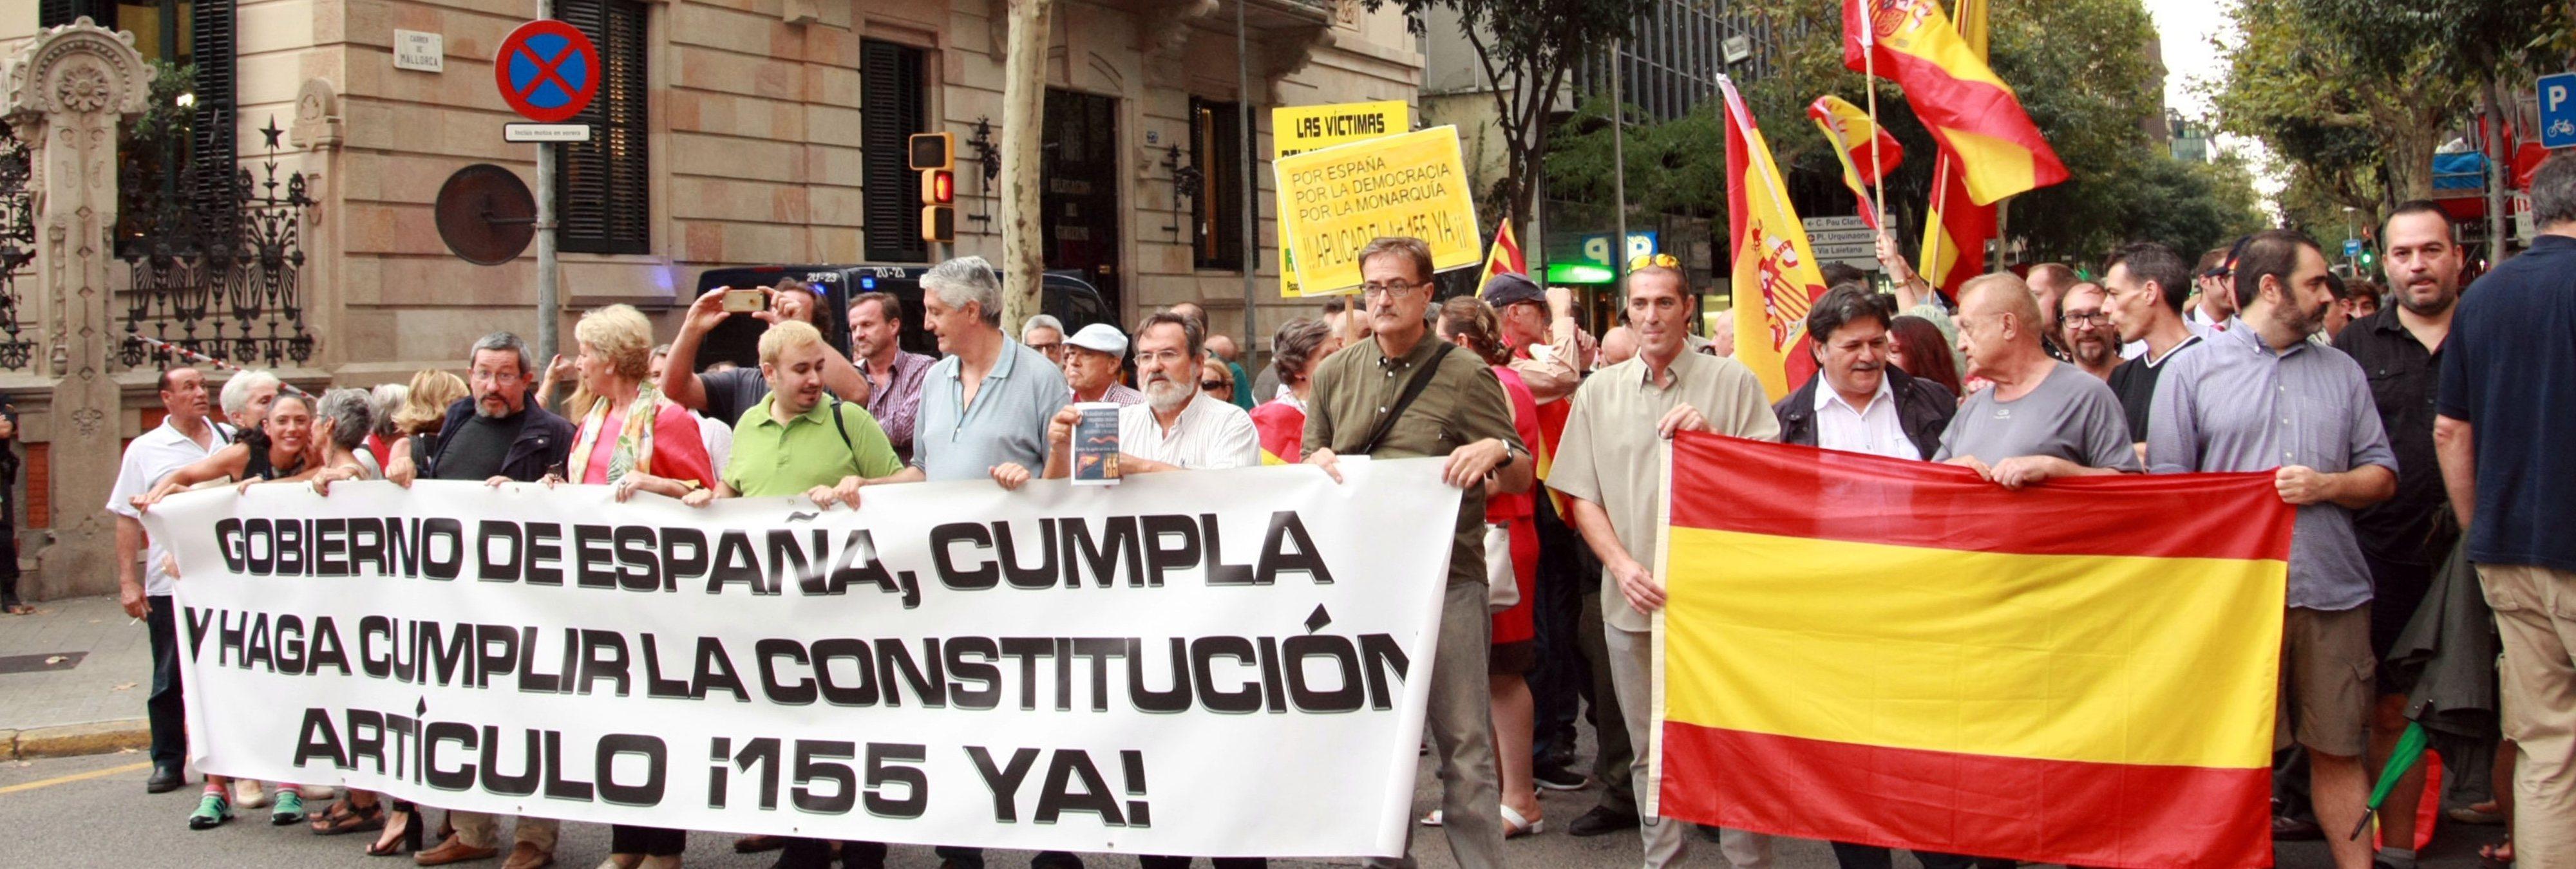 """""""Amigos homosexuales"""", """"dictaduras hembristas""""... Los mejores cuñados y cuñadismos patrios"""